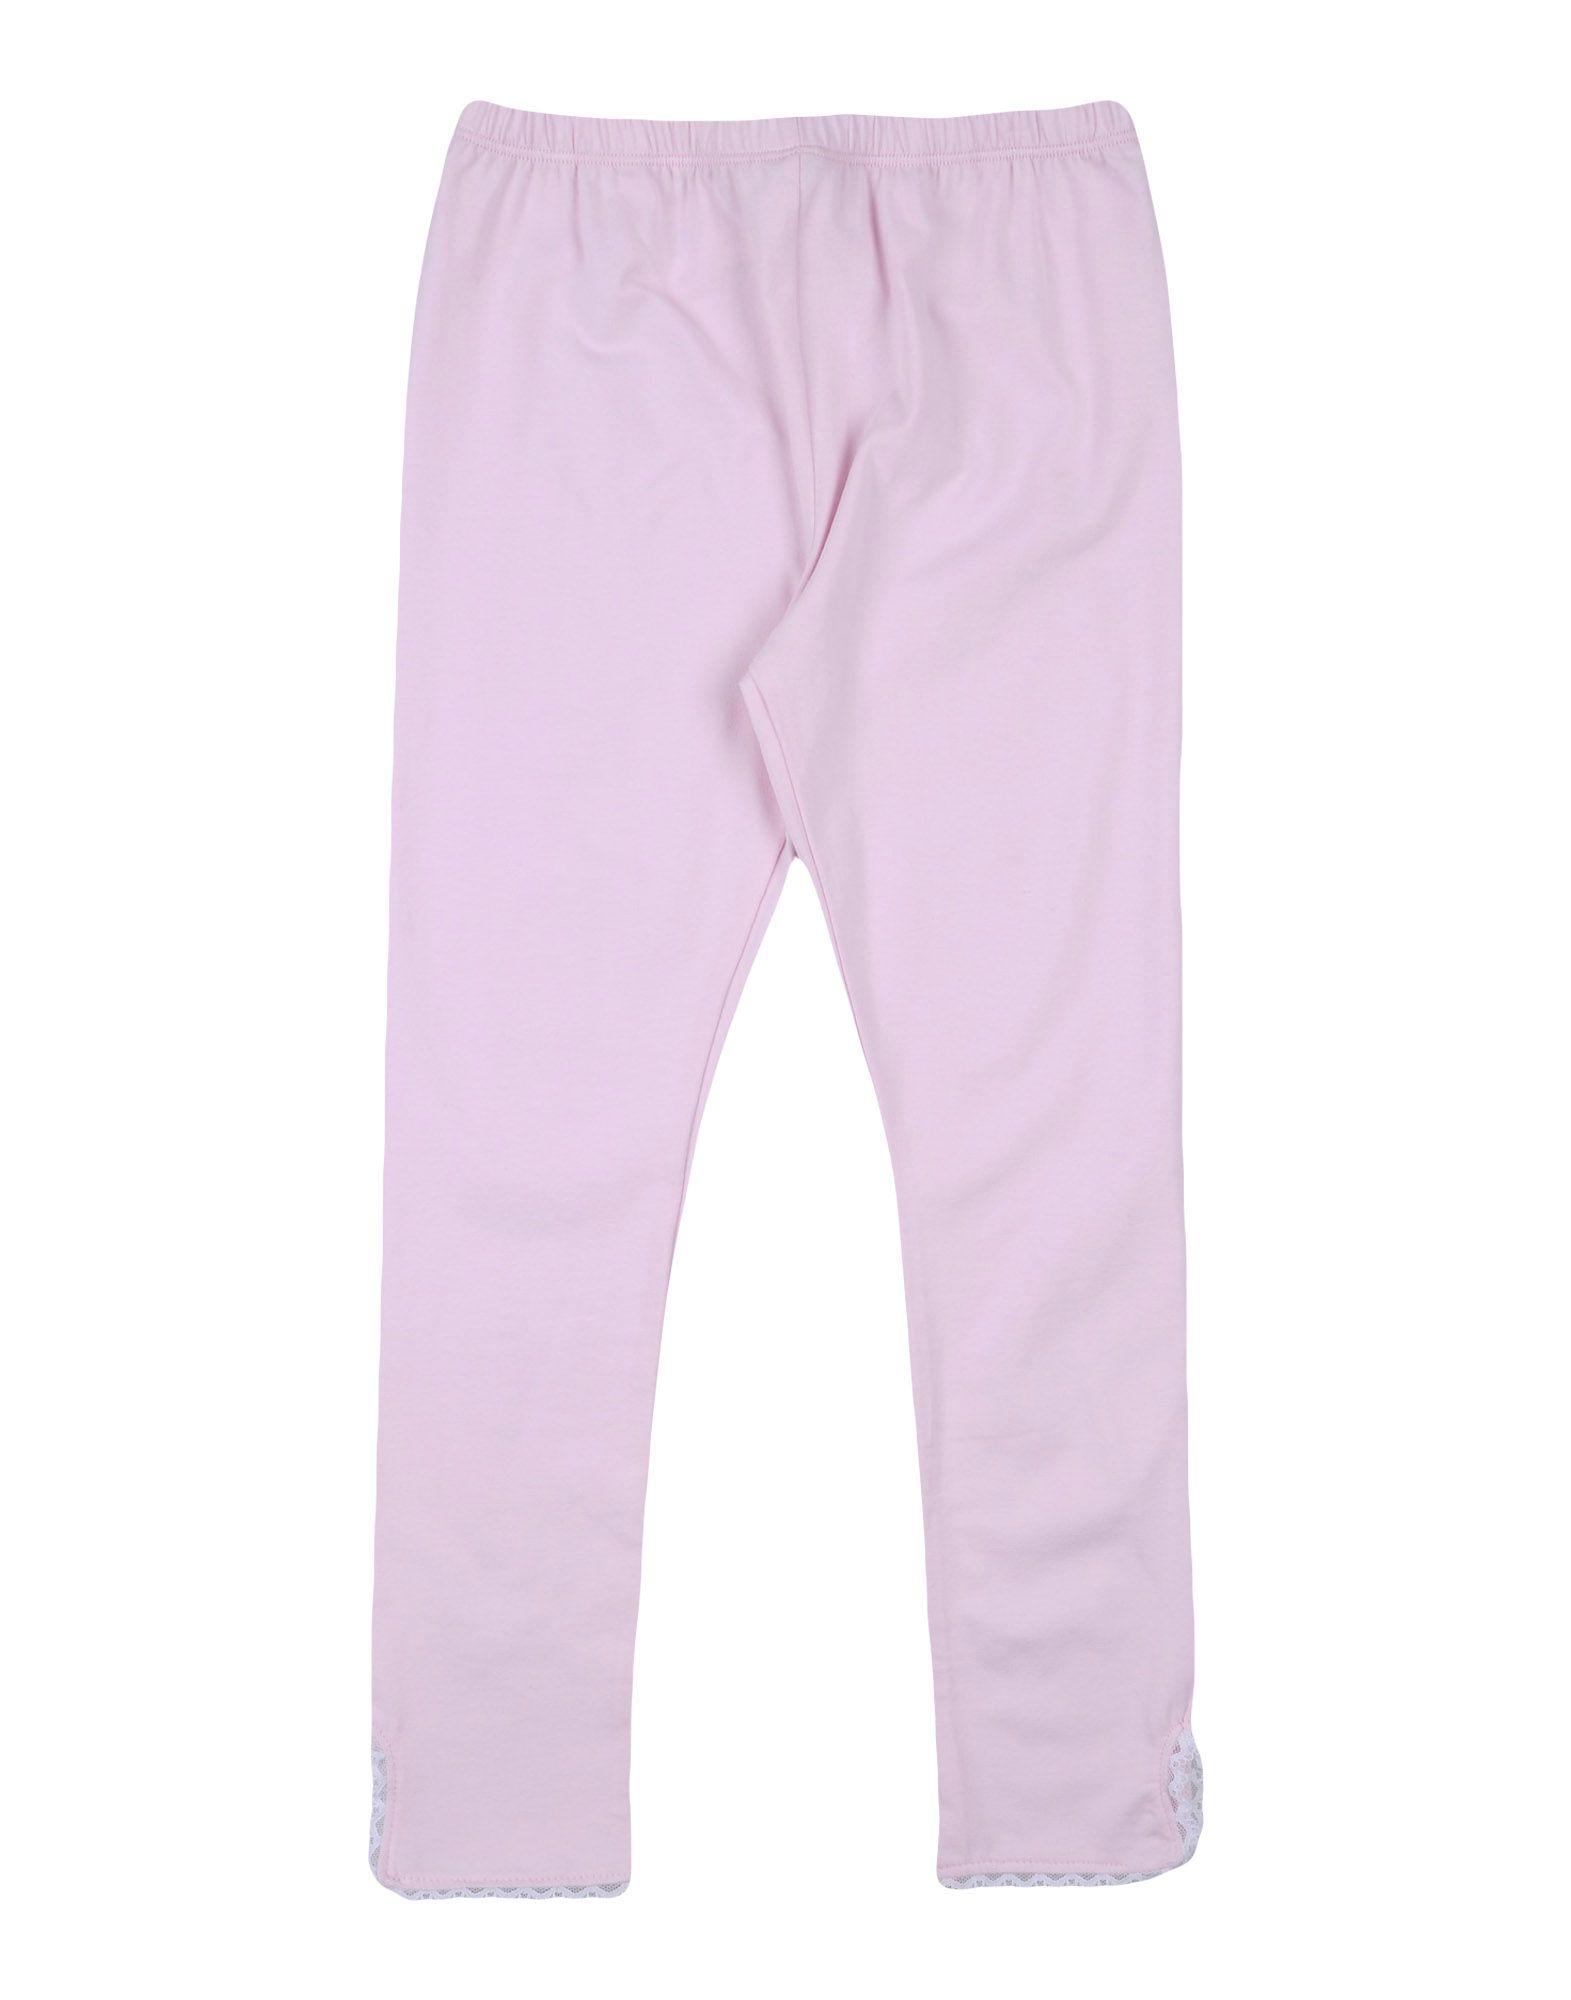 COCCODÉ | COCCODÉ Sleepwear 48193985 | Goxip